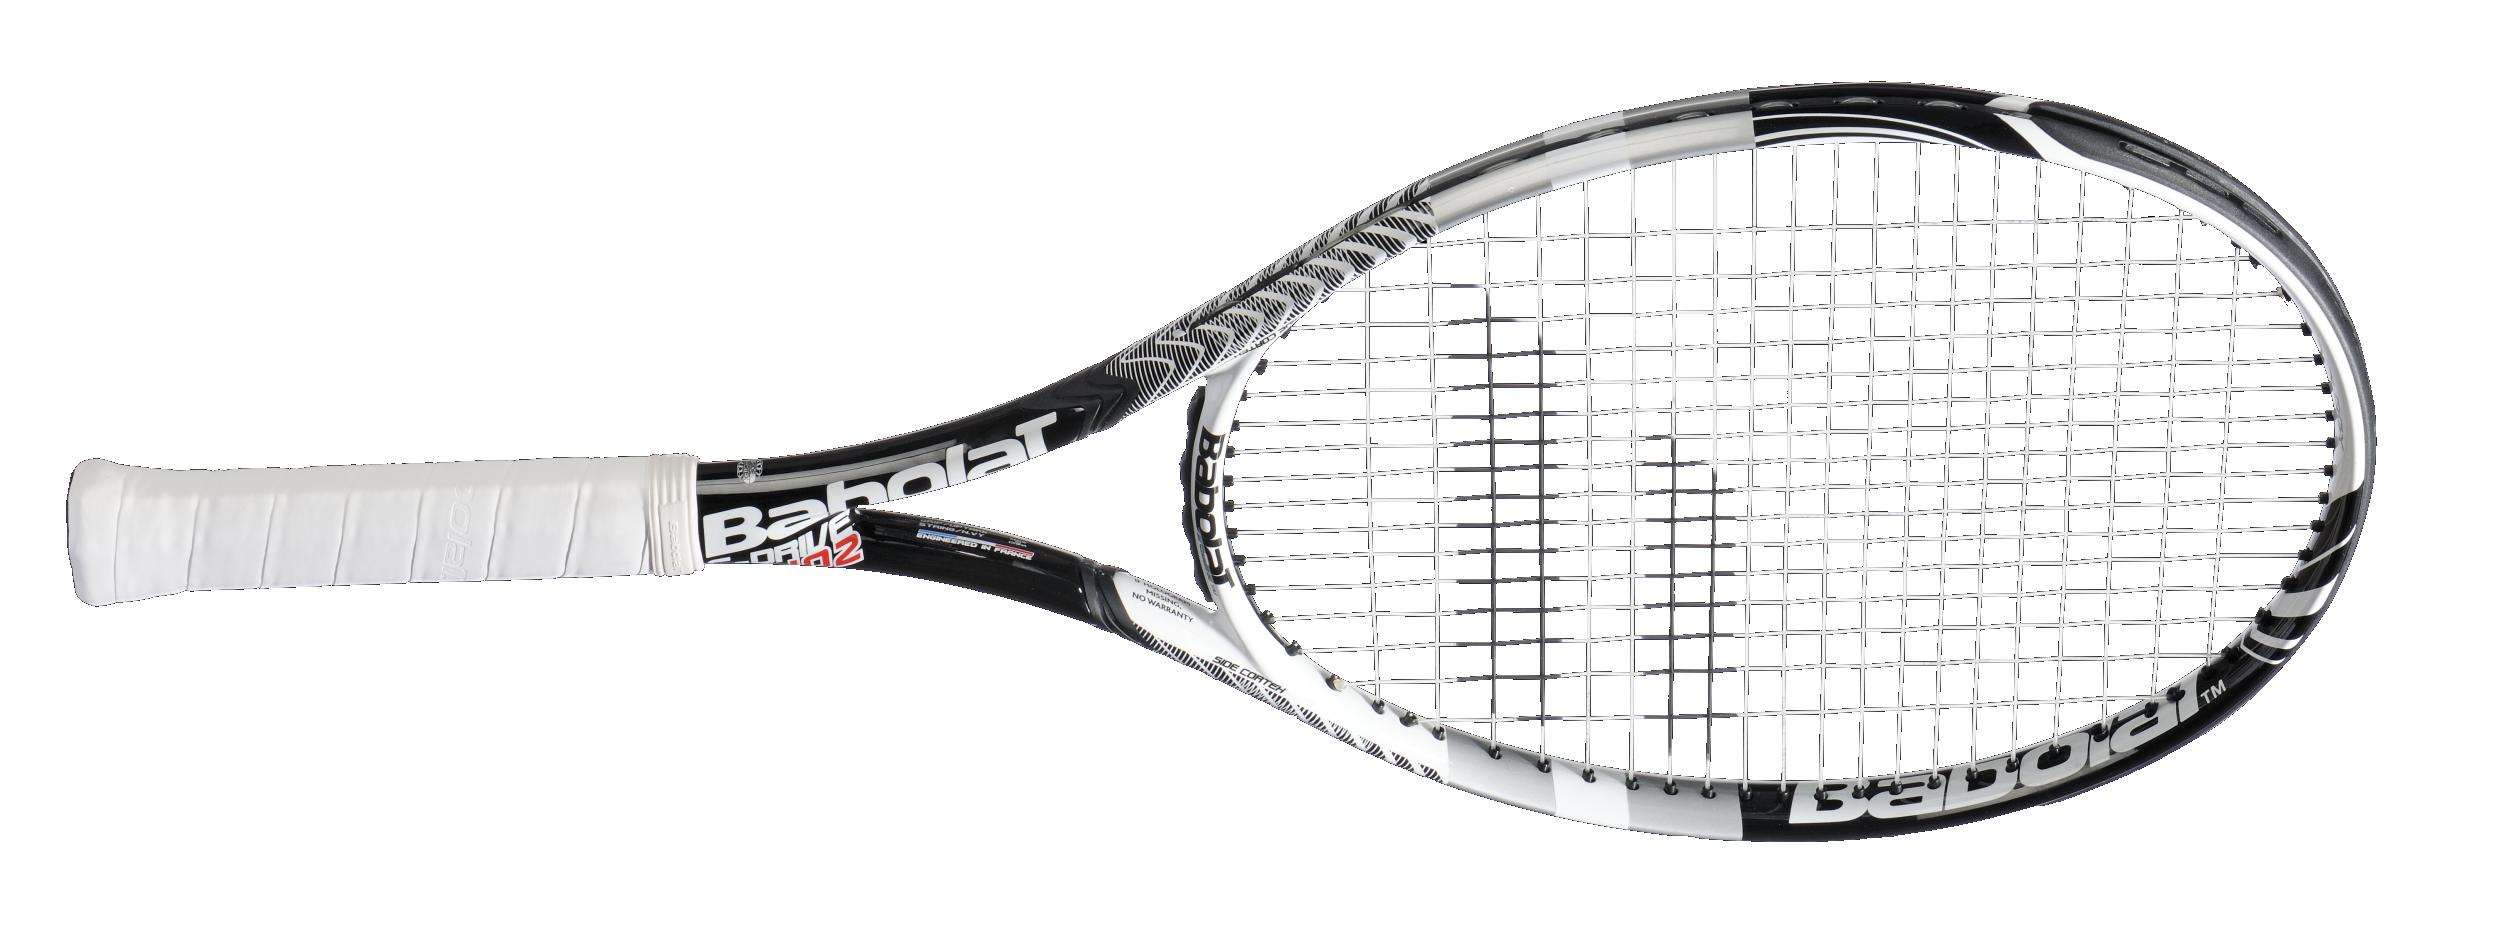 Теннисная ракетка PNG изображение